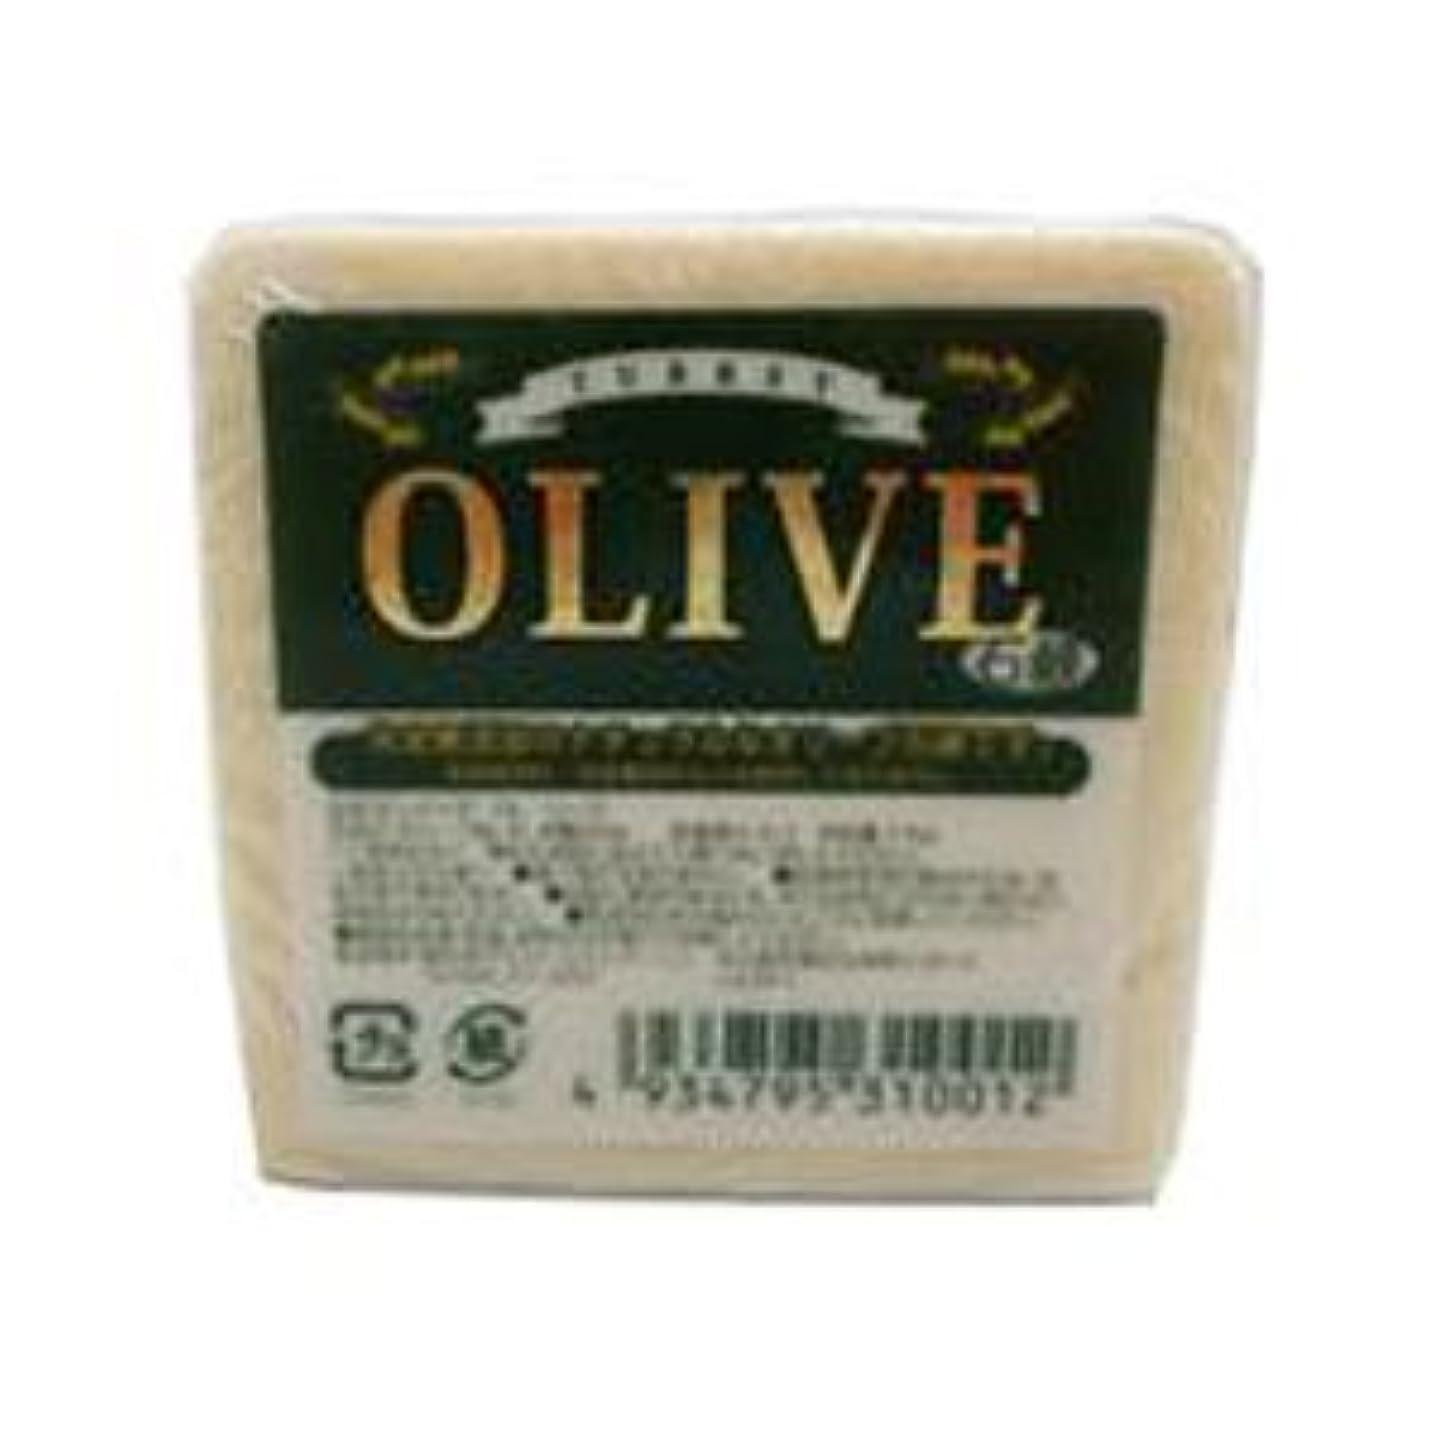 加速するフランクワースリーゲインセイお得な5個セット トルコ産オリーブを使用した無添加石鹸 ターキーオリーブ石鹸 135g